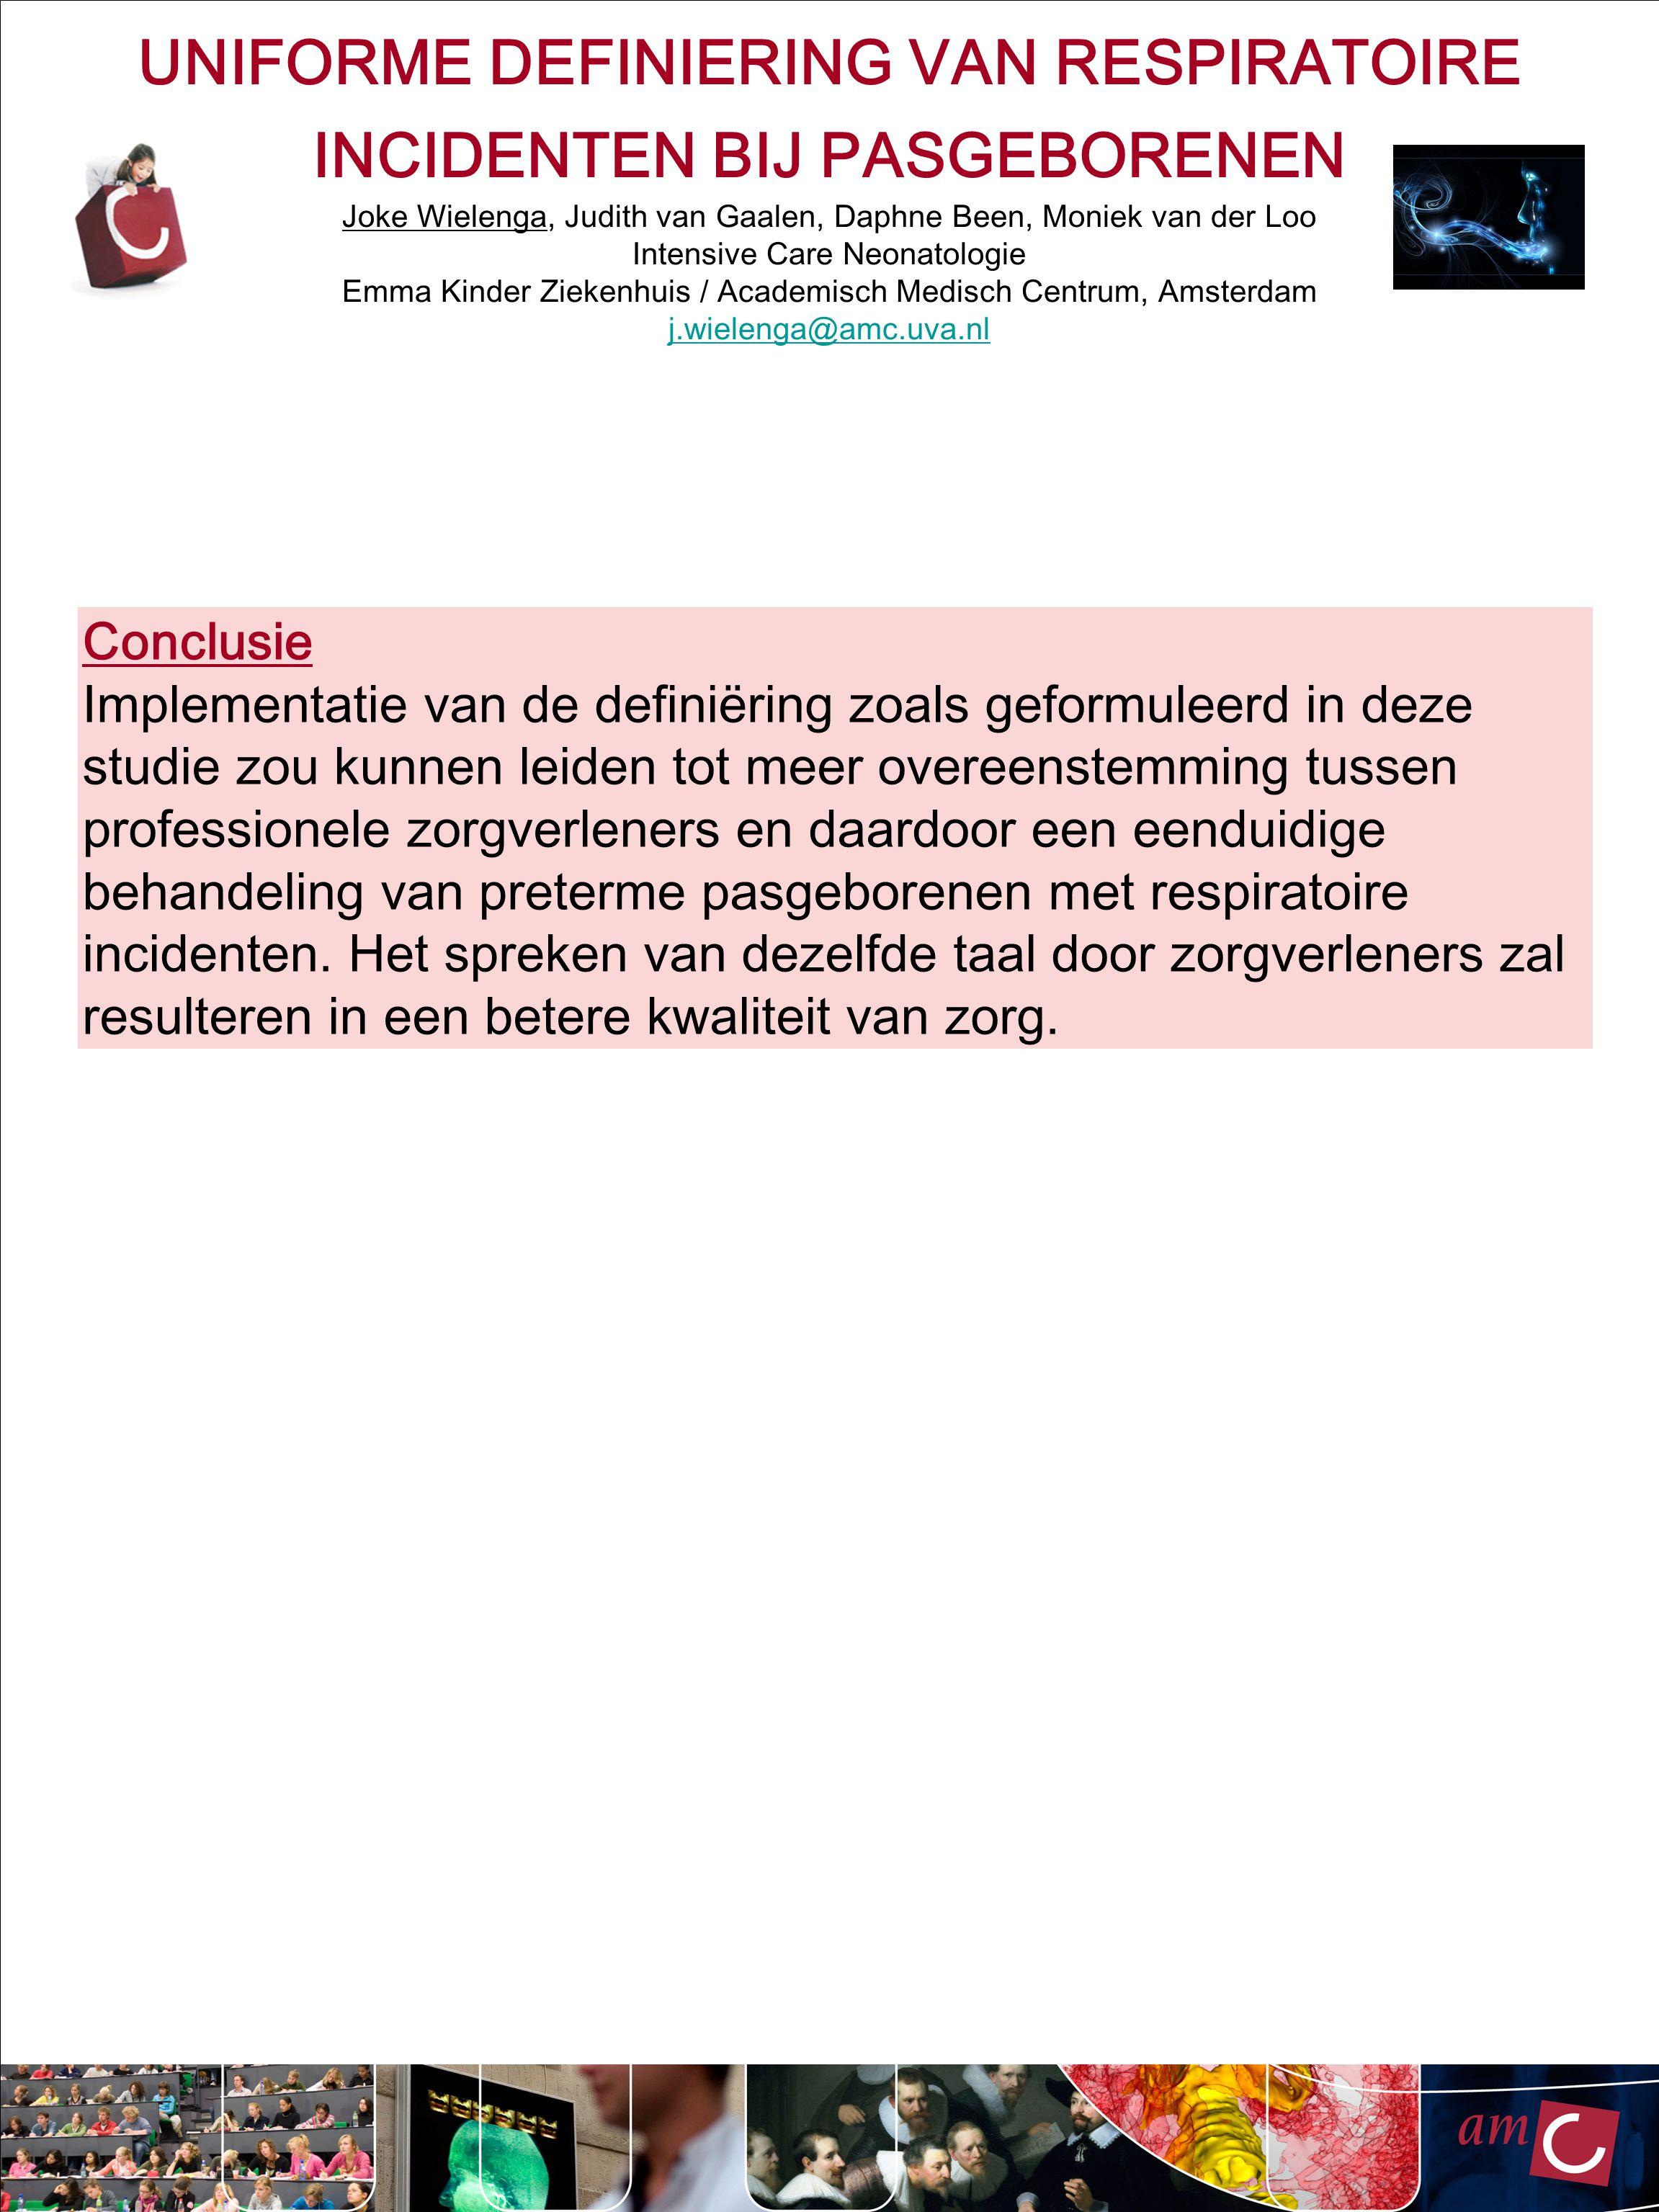 UNIFORME DEFINIERING VAN RESPIRATOIRE INCIDENTEN BIJ PASGEBORENEN Joke Wielenga, Judith van Gaalen, Daphne Been, Moniek van der Loo Intensive Care Neo